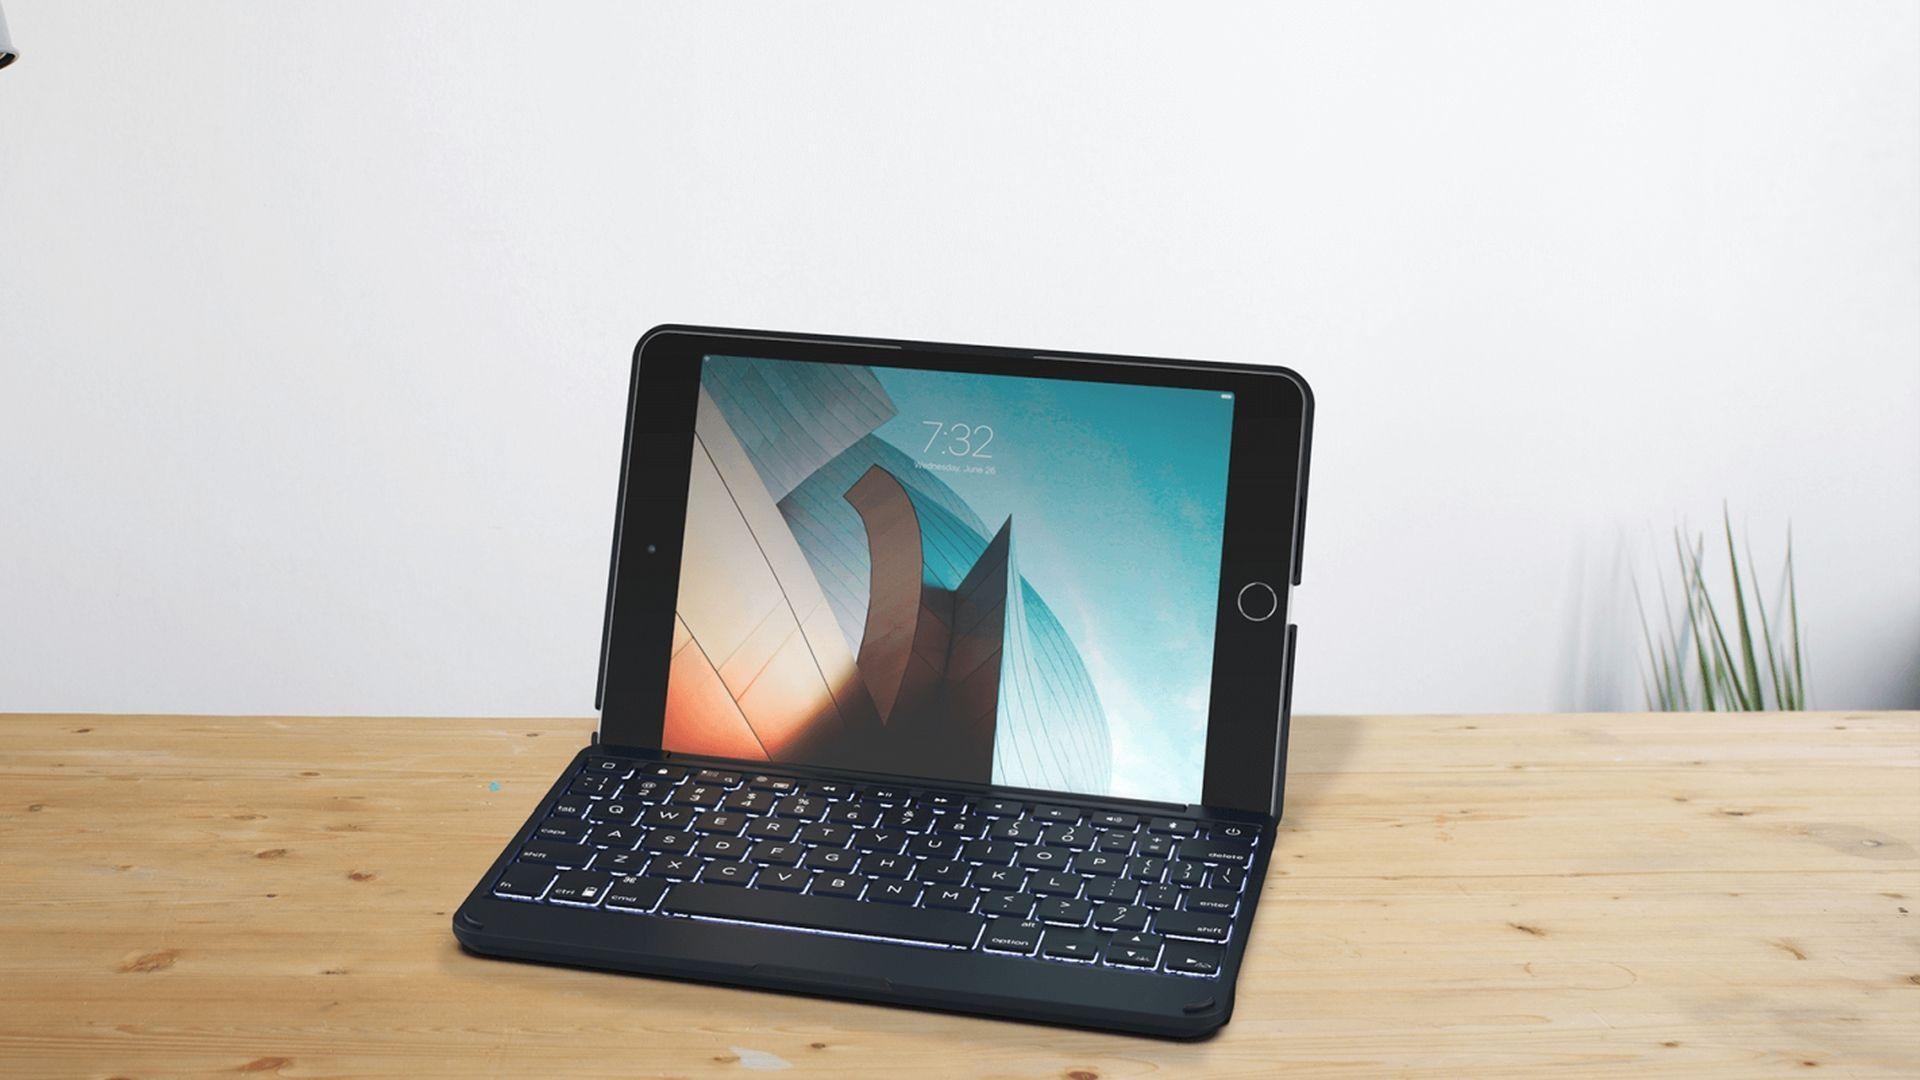 Nowe etui z klawiaturą dla iPada Mini 5 od firmy Zagg